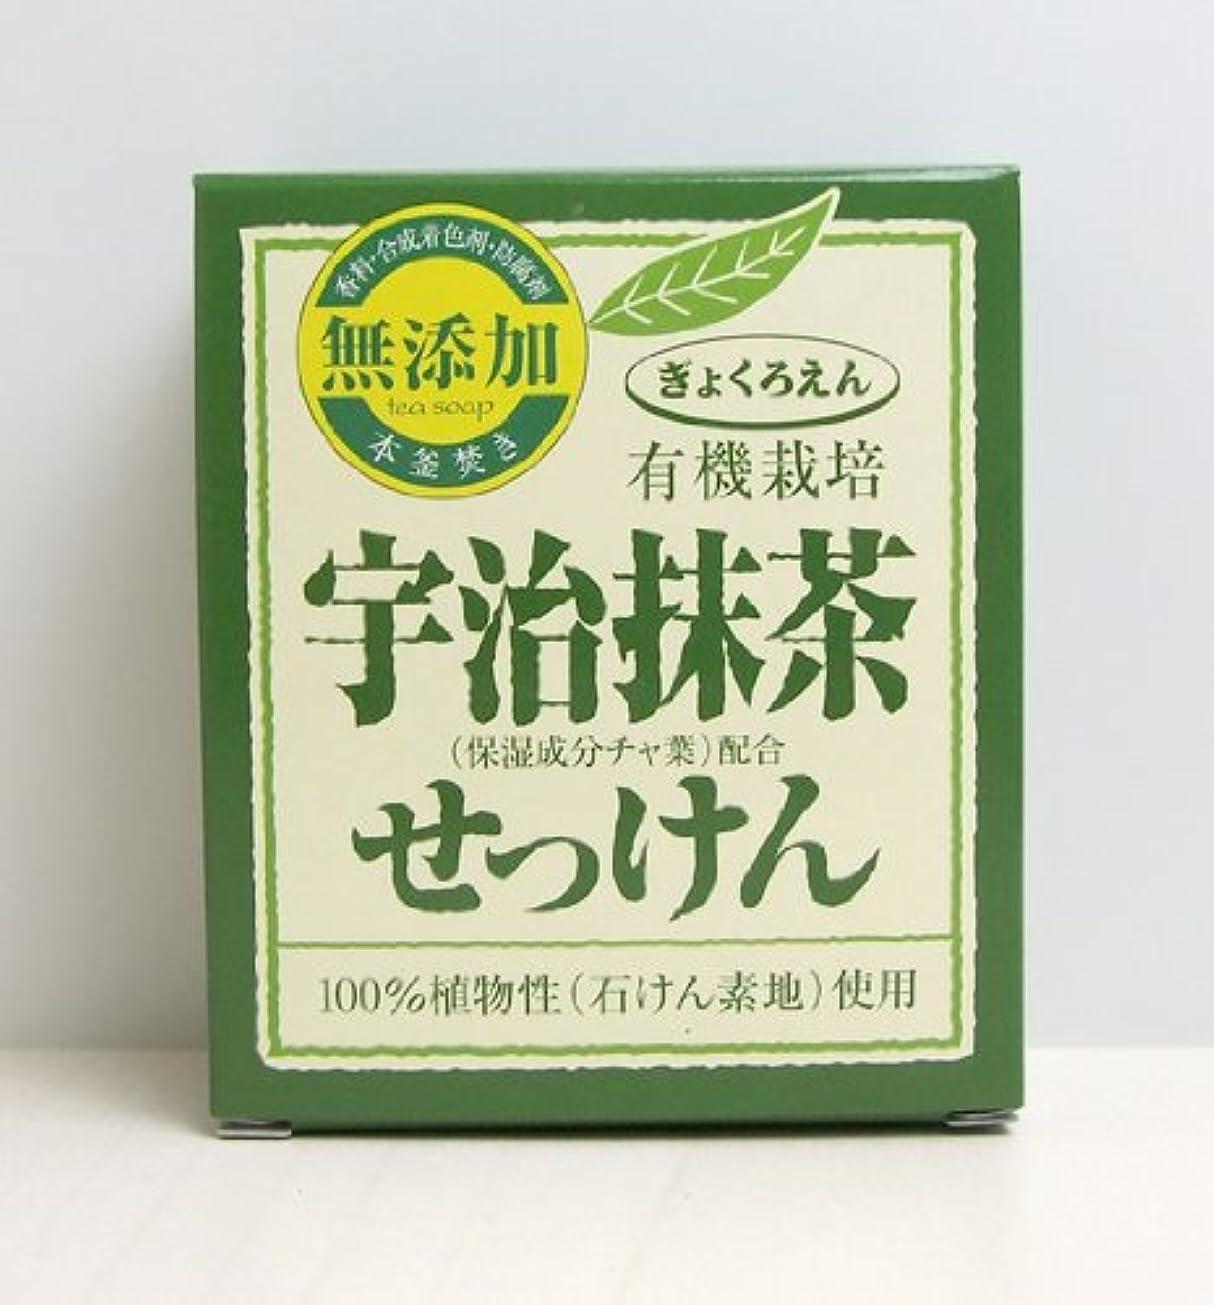 真実にラベ感じるお茶のせっけん:有機栽培宇治抹茶せっけん